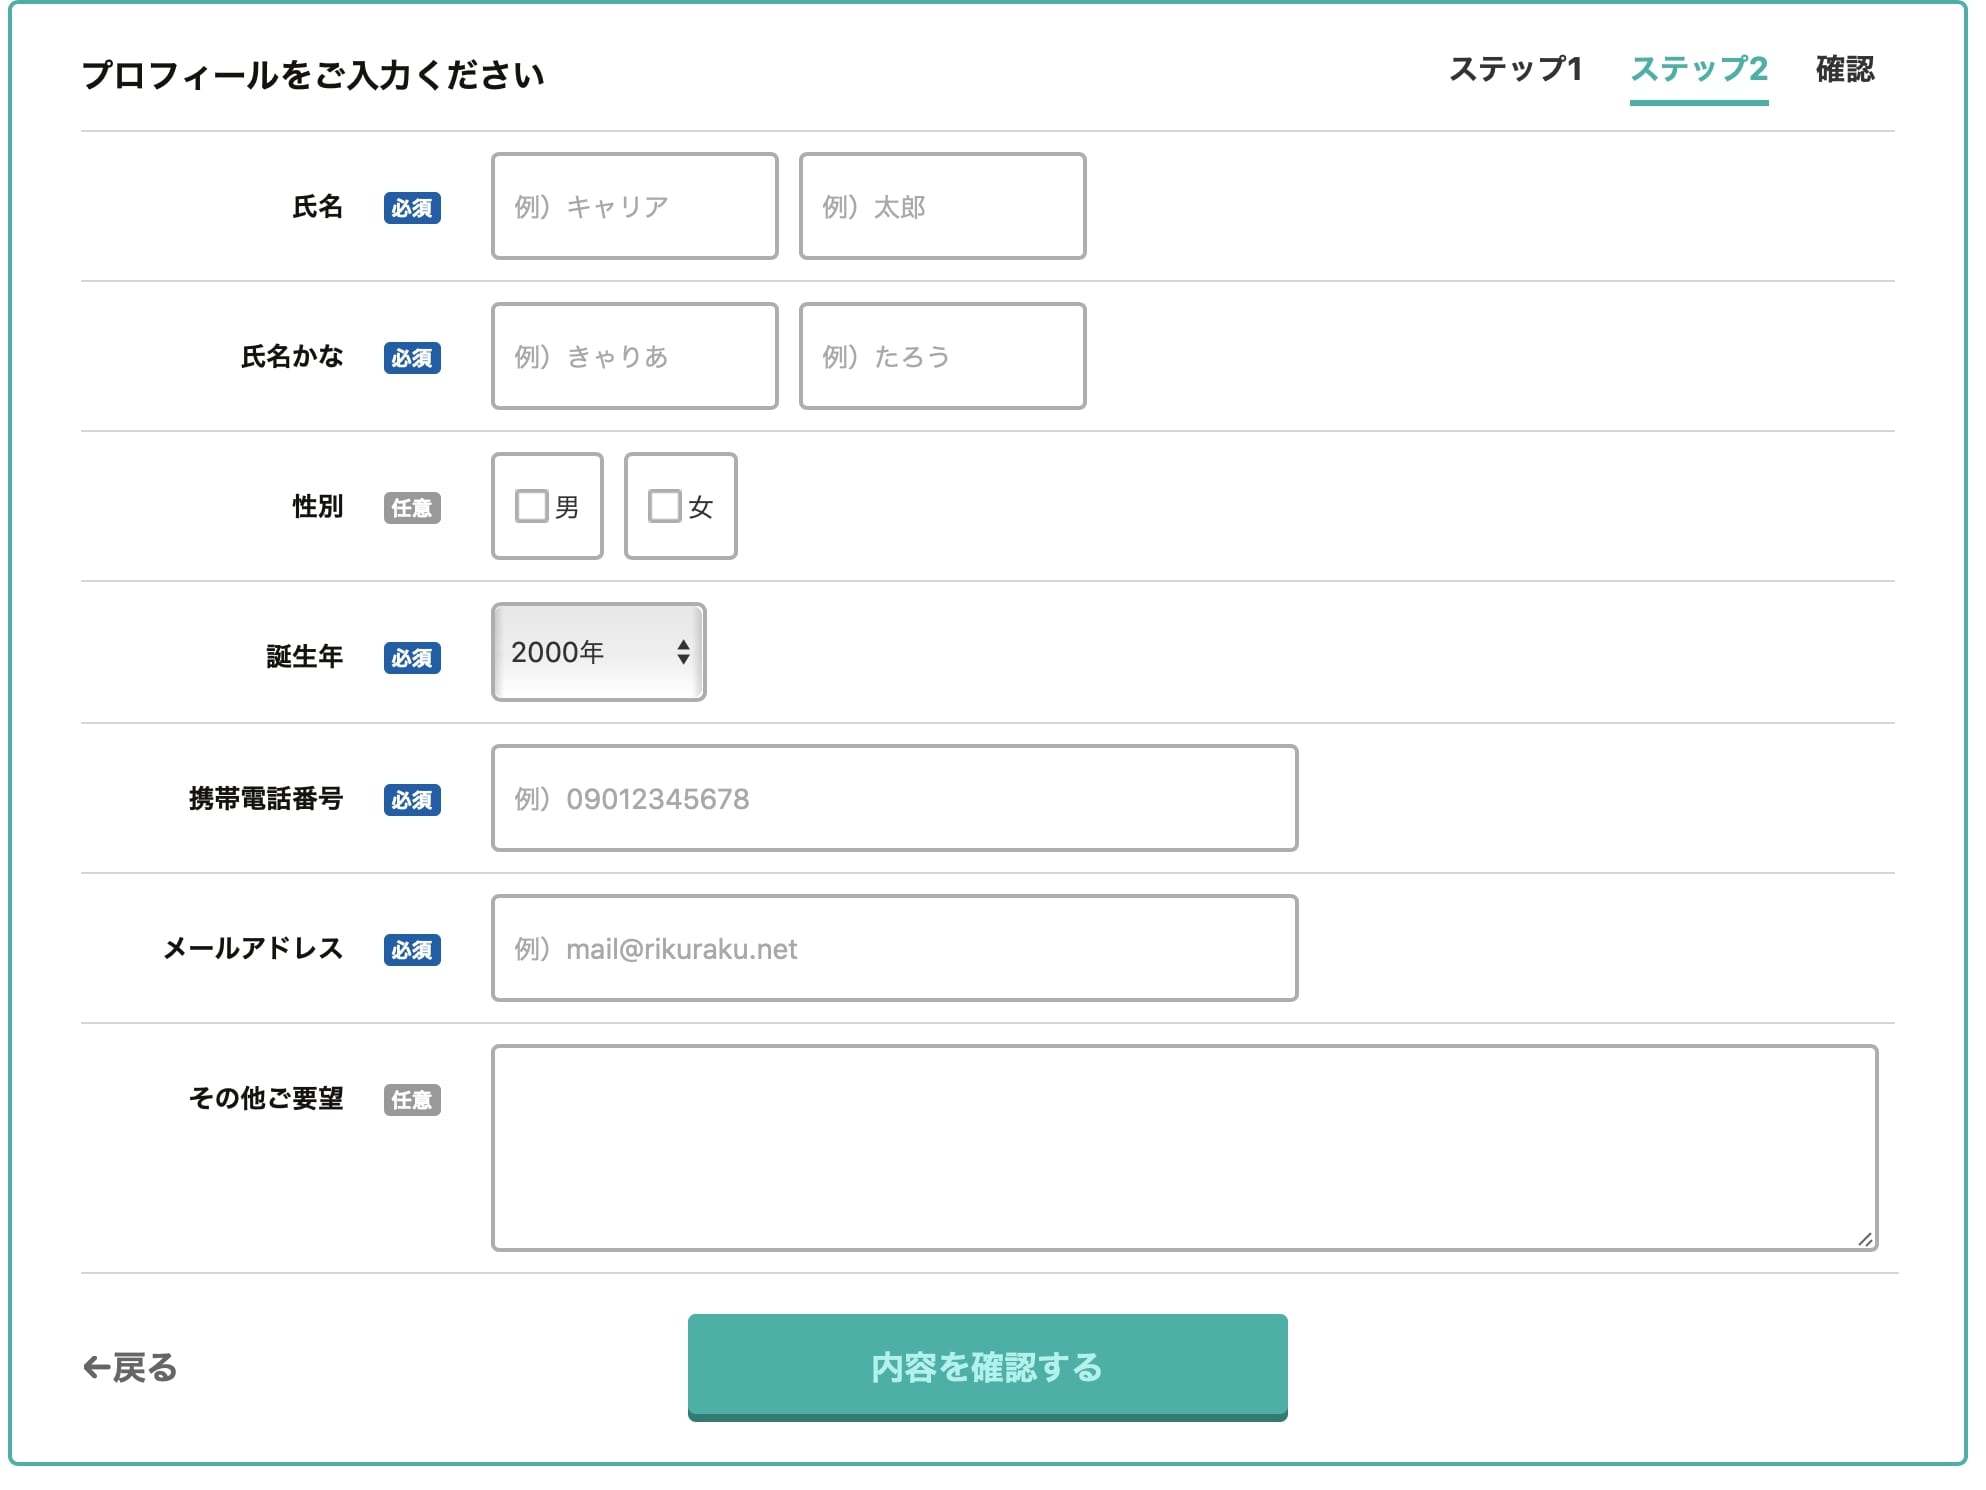 リクらくホームページのプロフィールを記入するページ